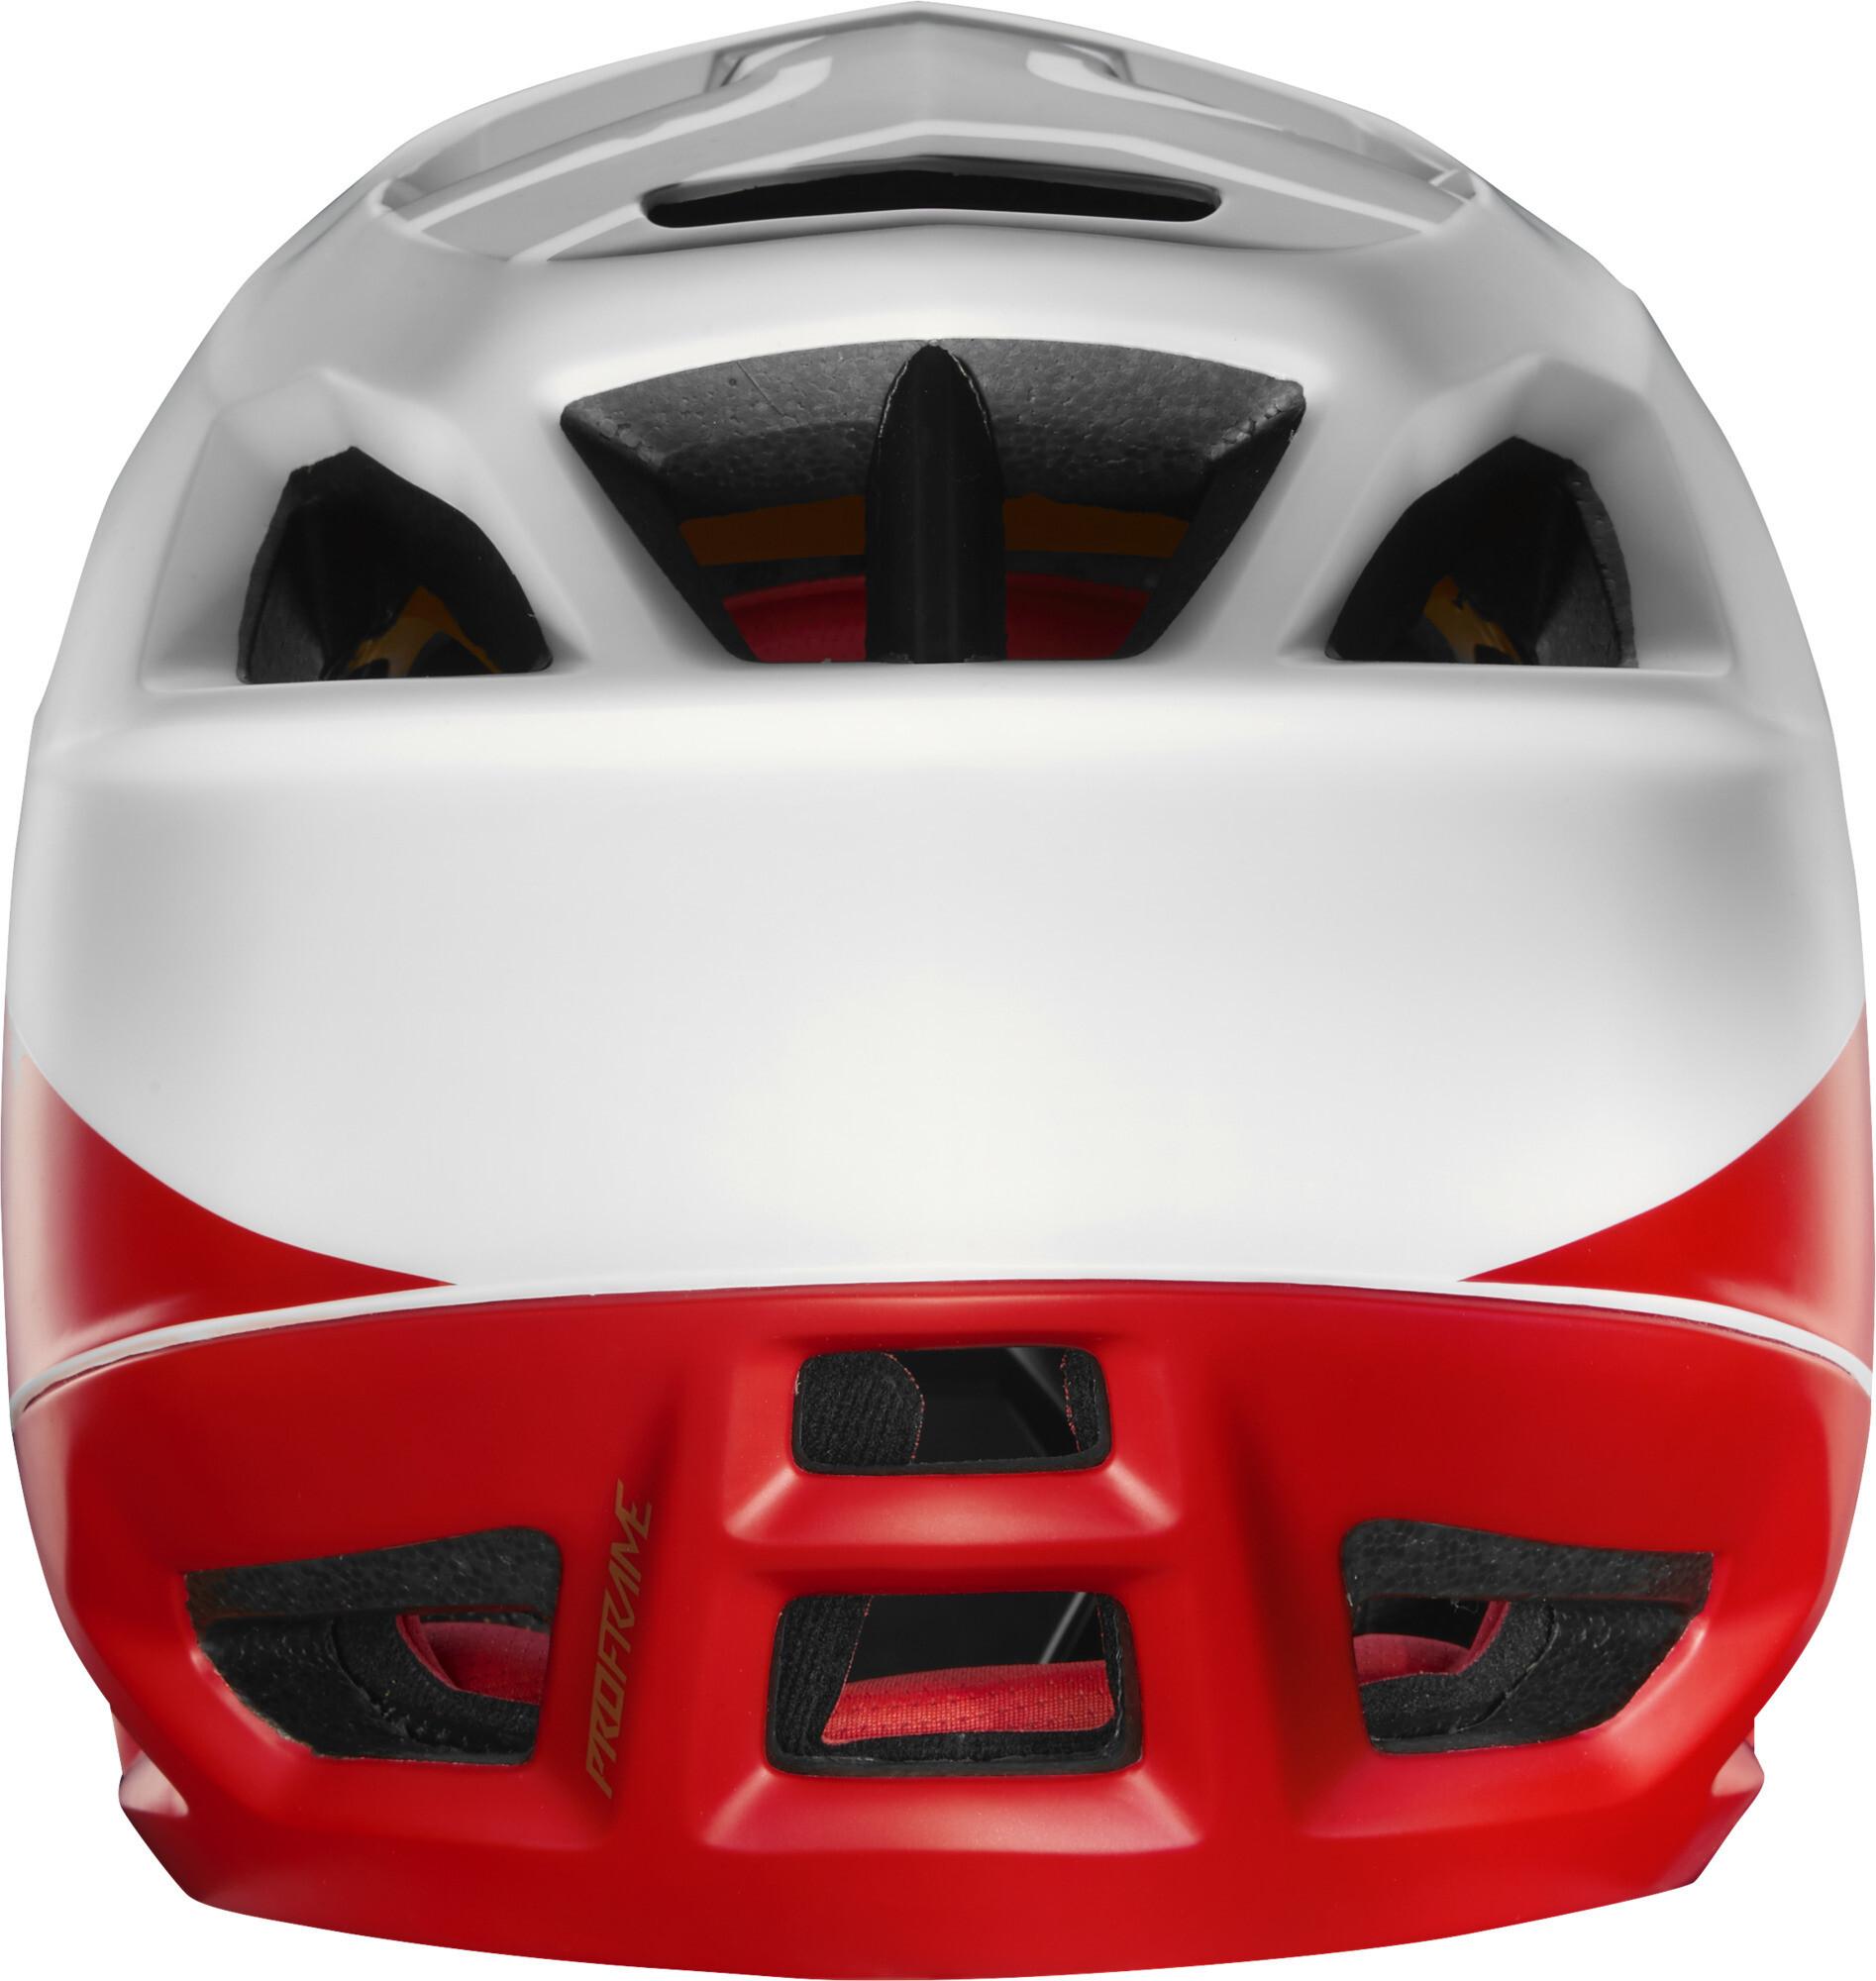 0895e1030a9d8 Fox Proframe Pistol - Casco de bicicleta Hombre - rojo blanco ...